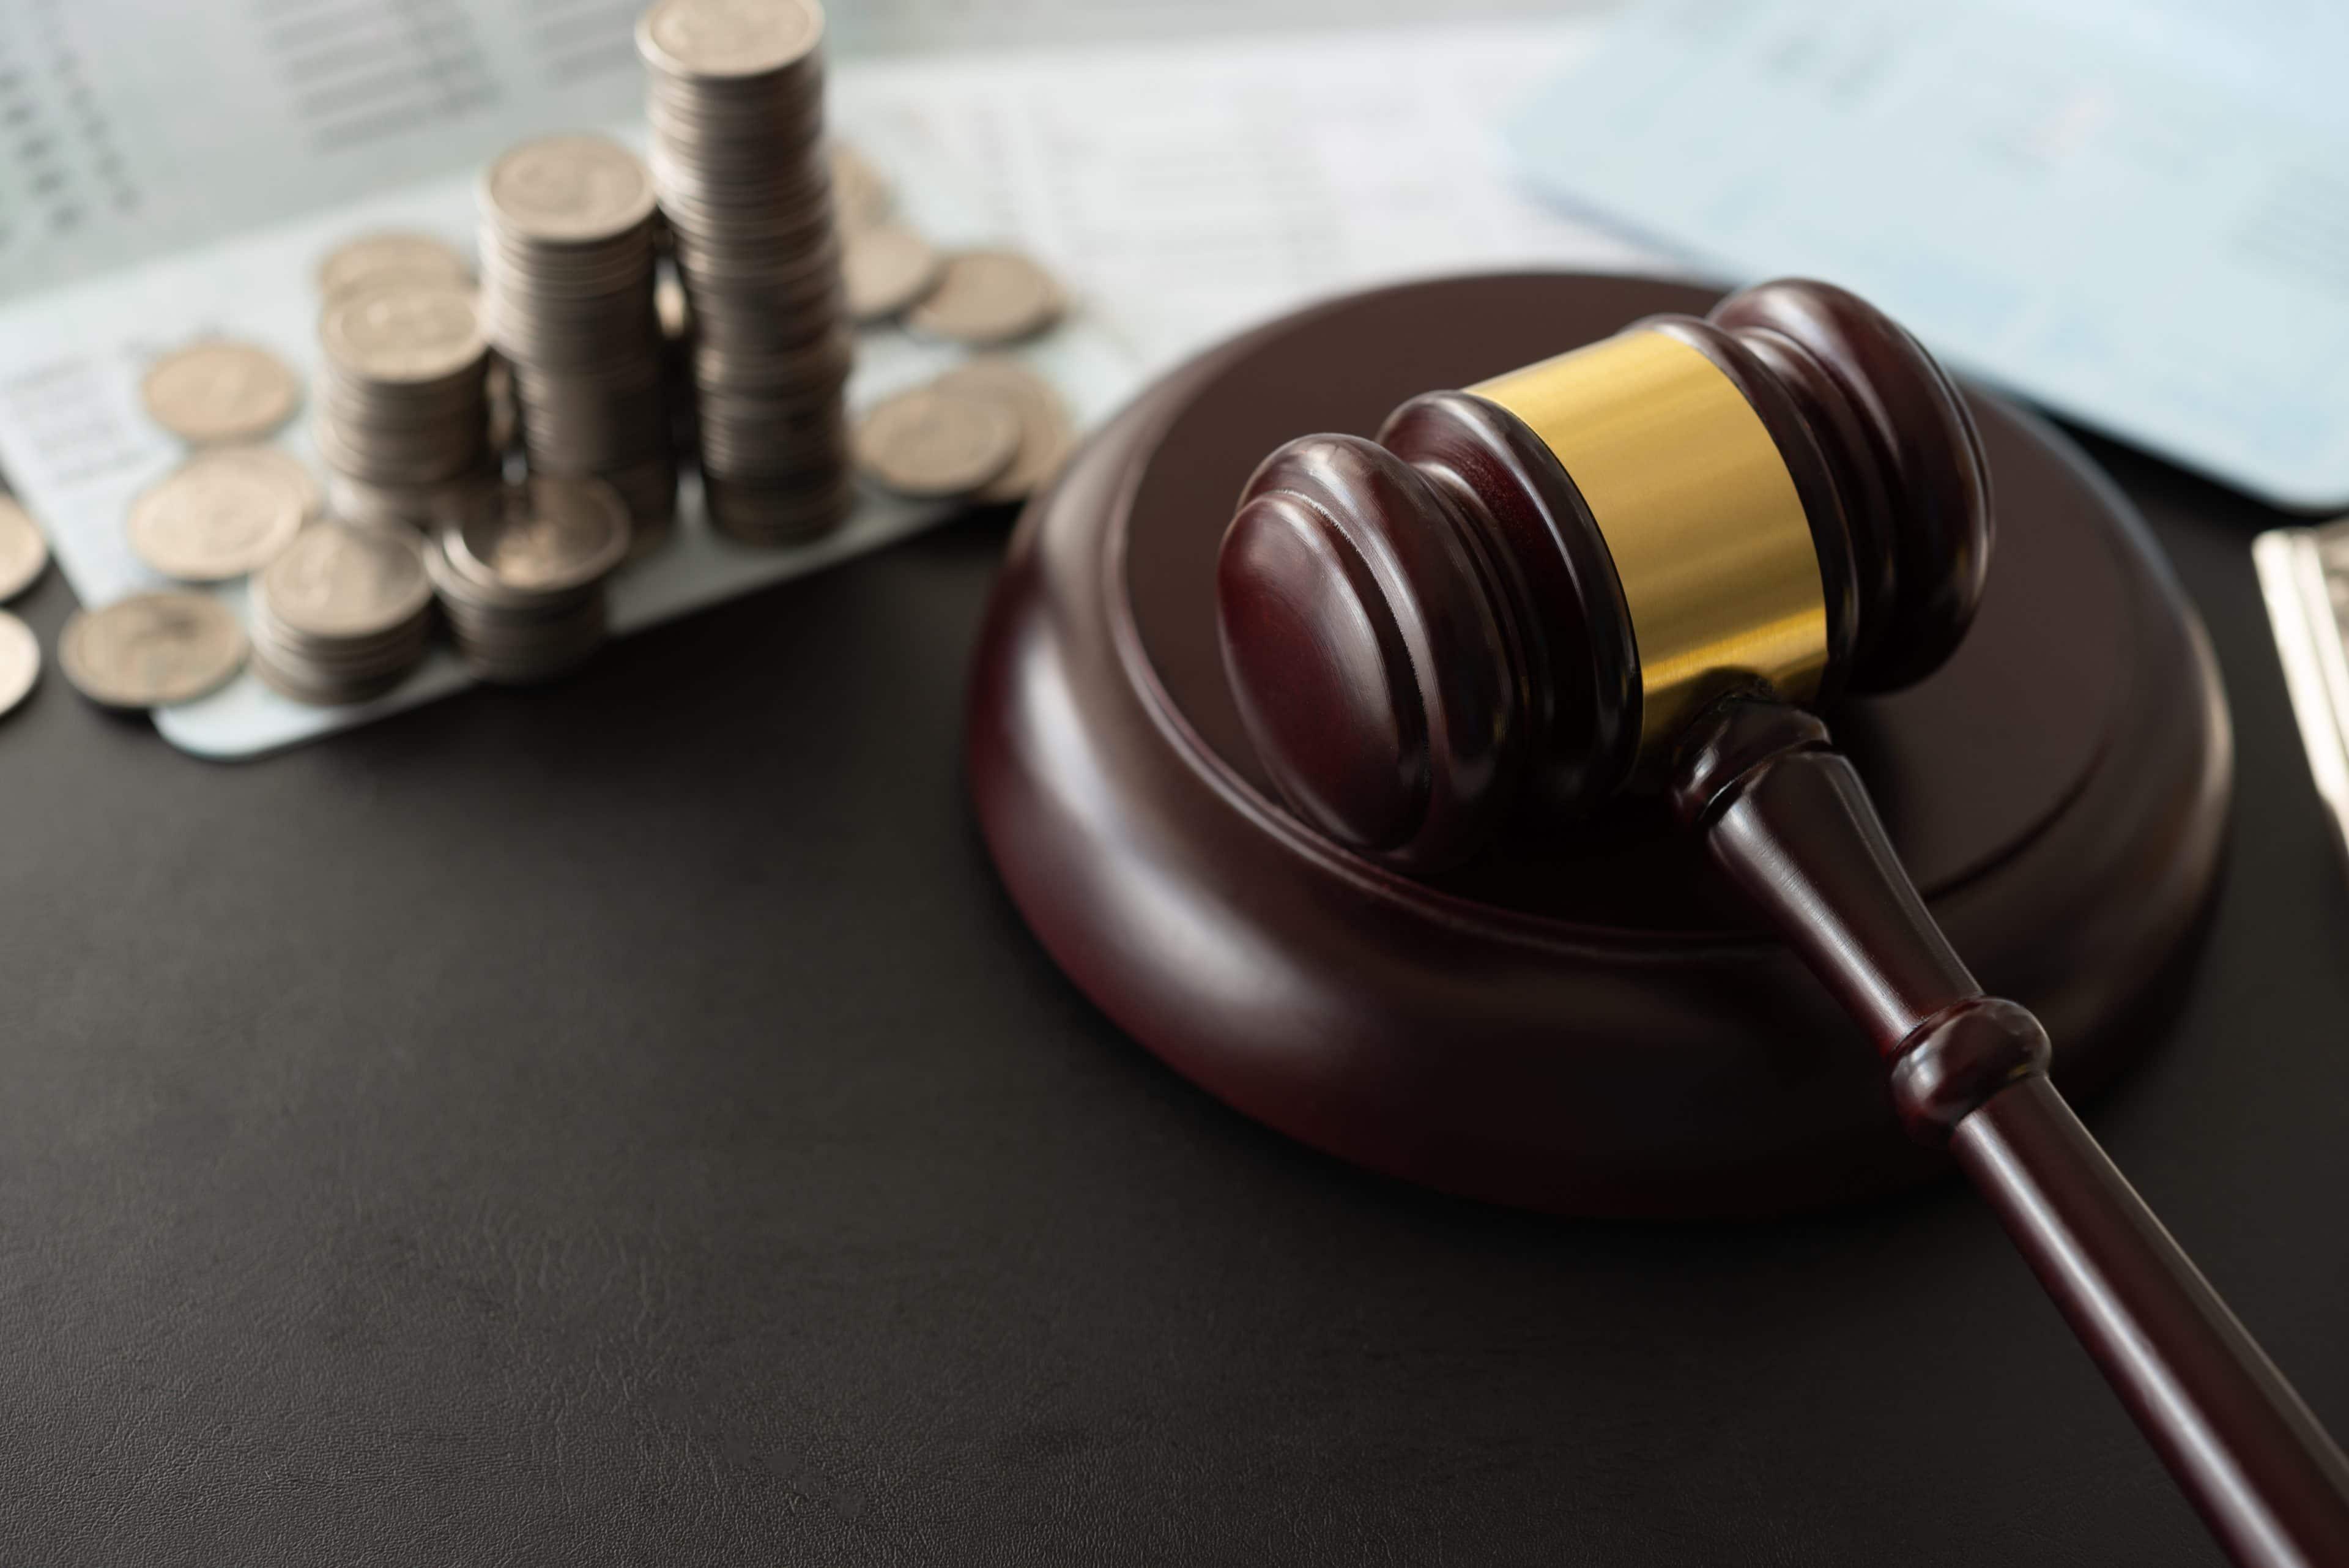 Судебно-финансовая экспертиза в Москве